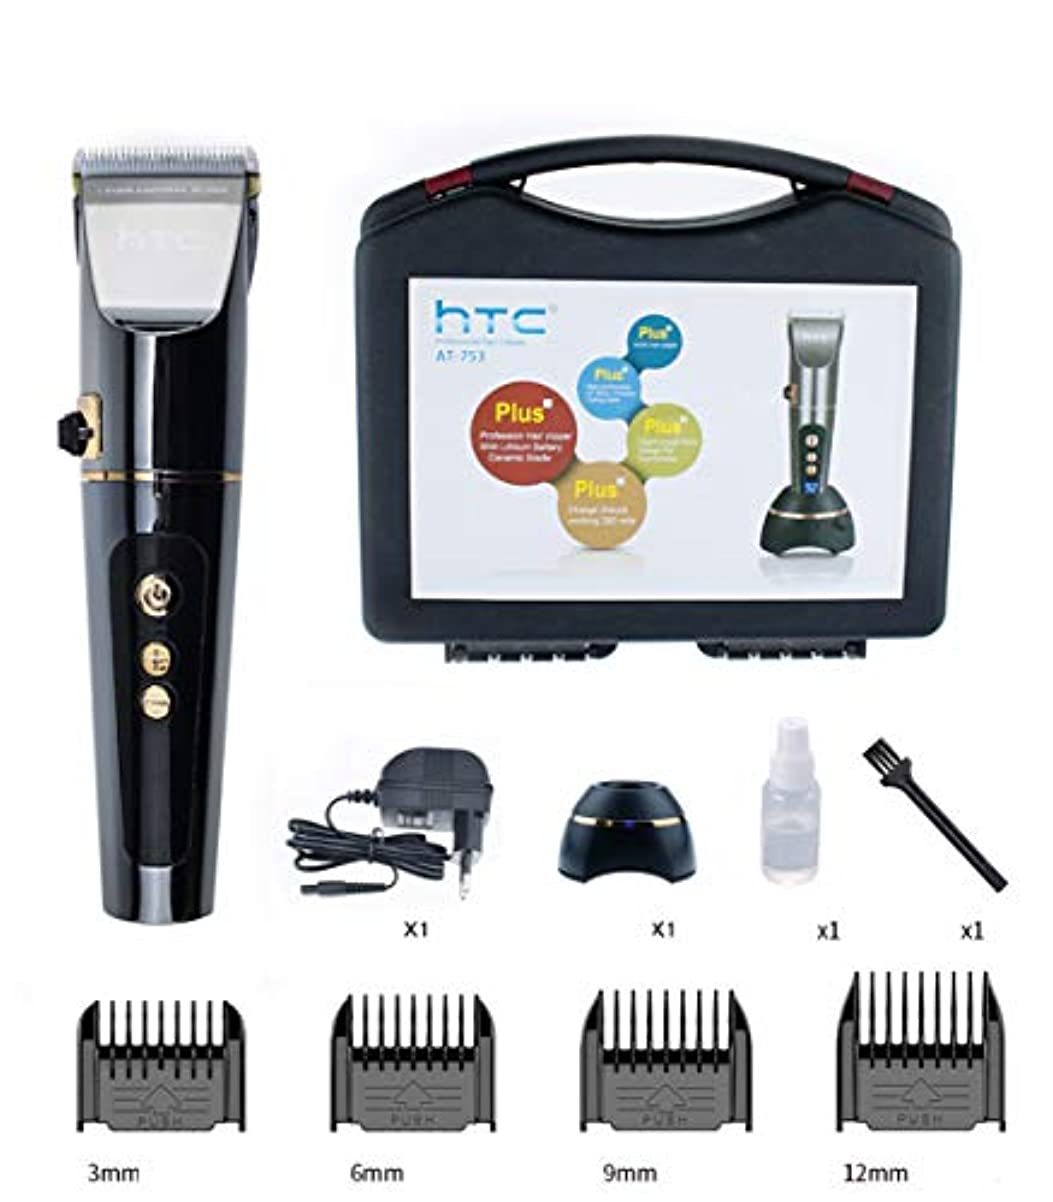 消毒剤酸度刃コードレスバリカン、男性用充電式カミソリ、電気ひげトリマー、美容シェービングマシン、調整可能な切断強度